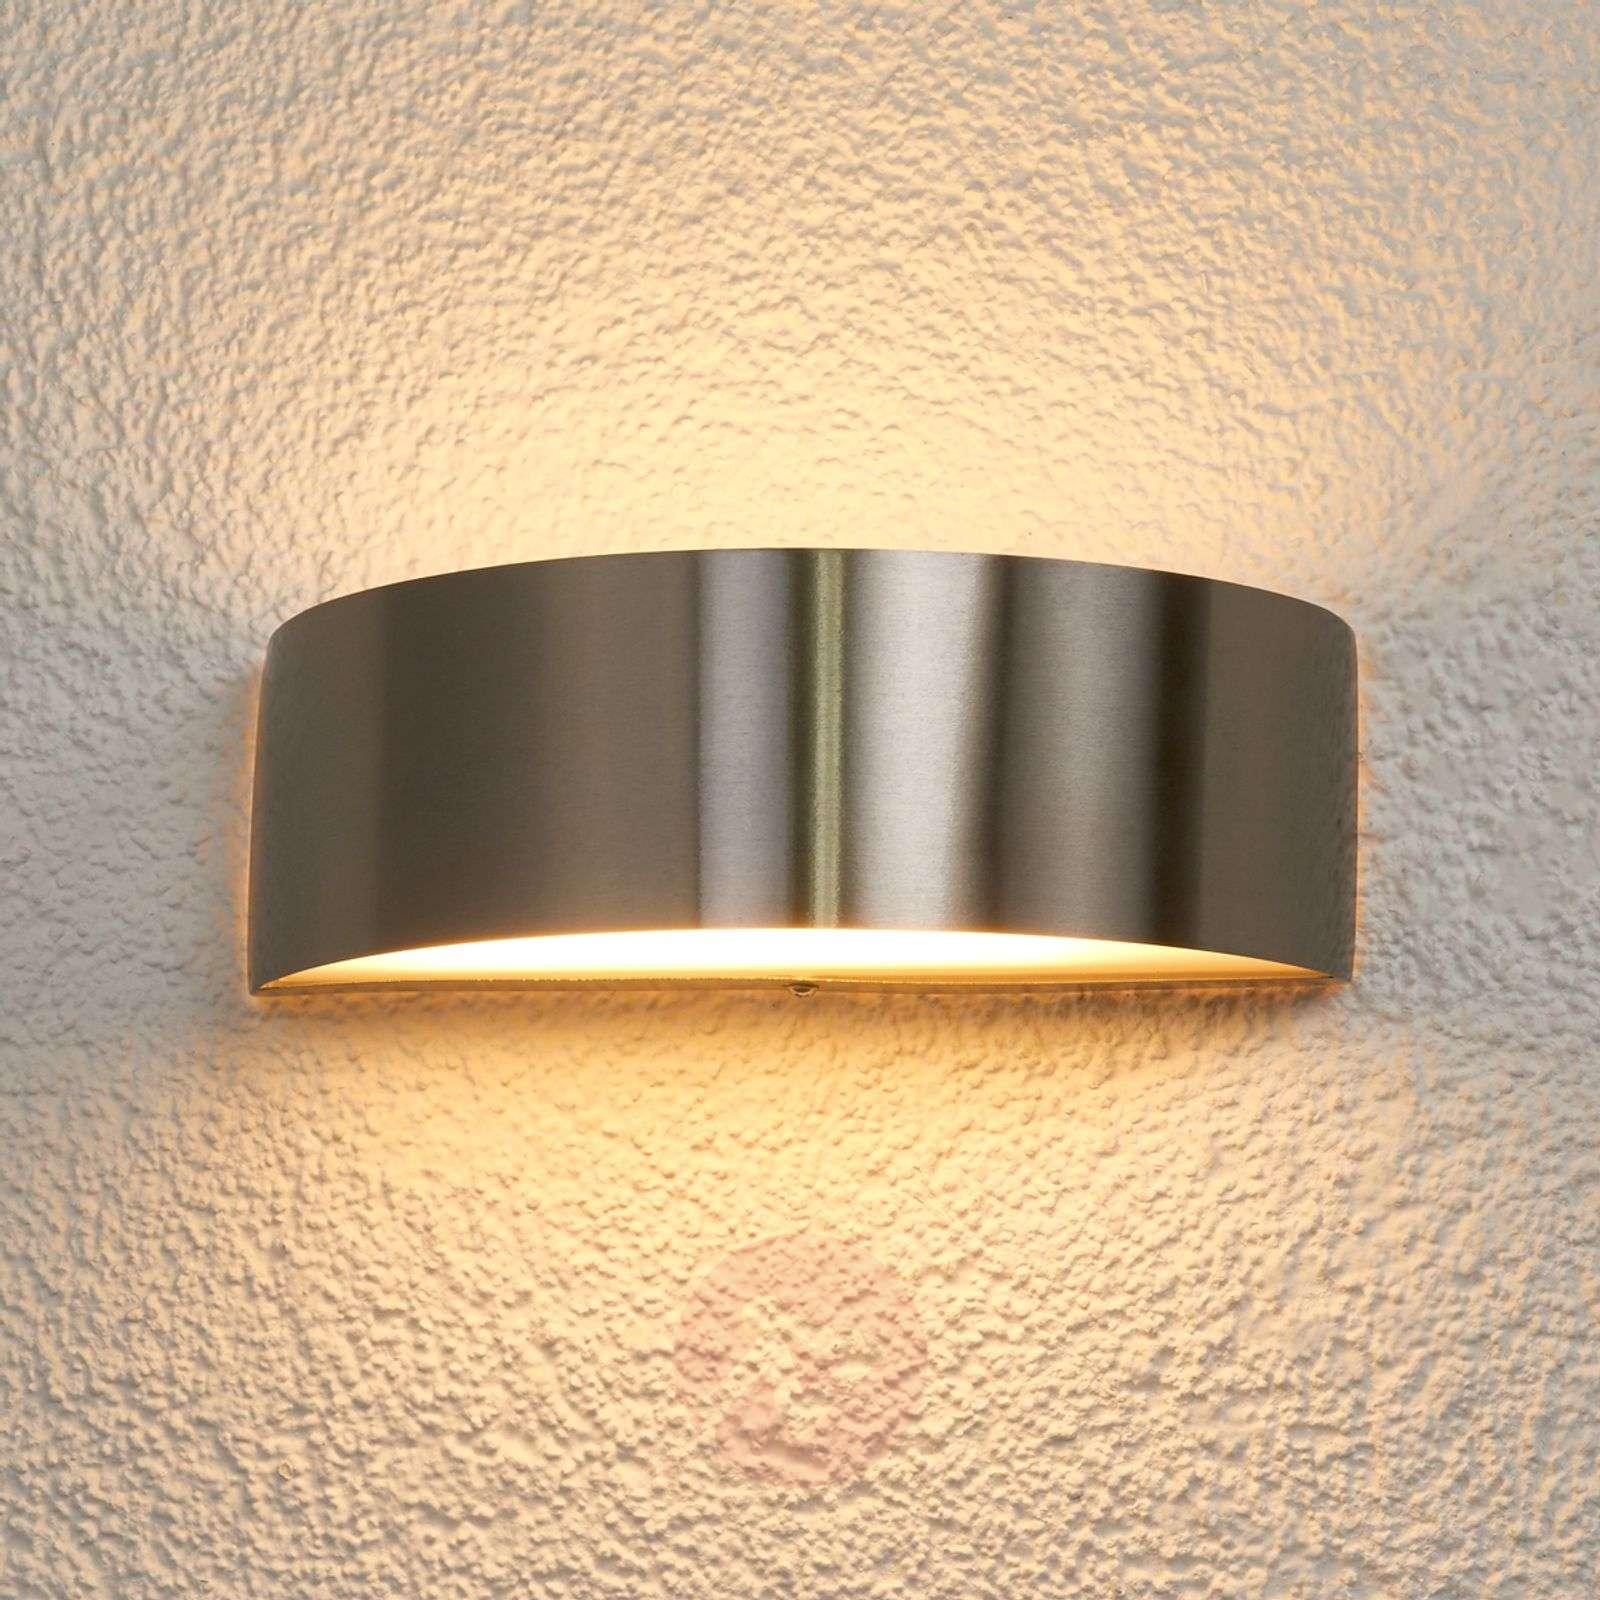 Nada LED-ulkoseinävalaisin, ruostumaton teräs-9972033-07